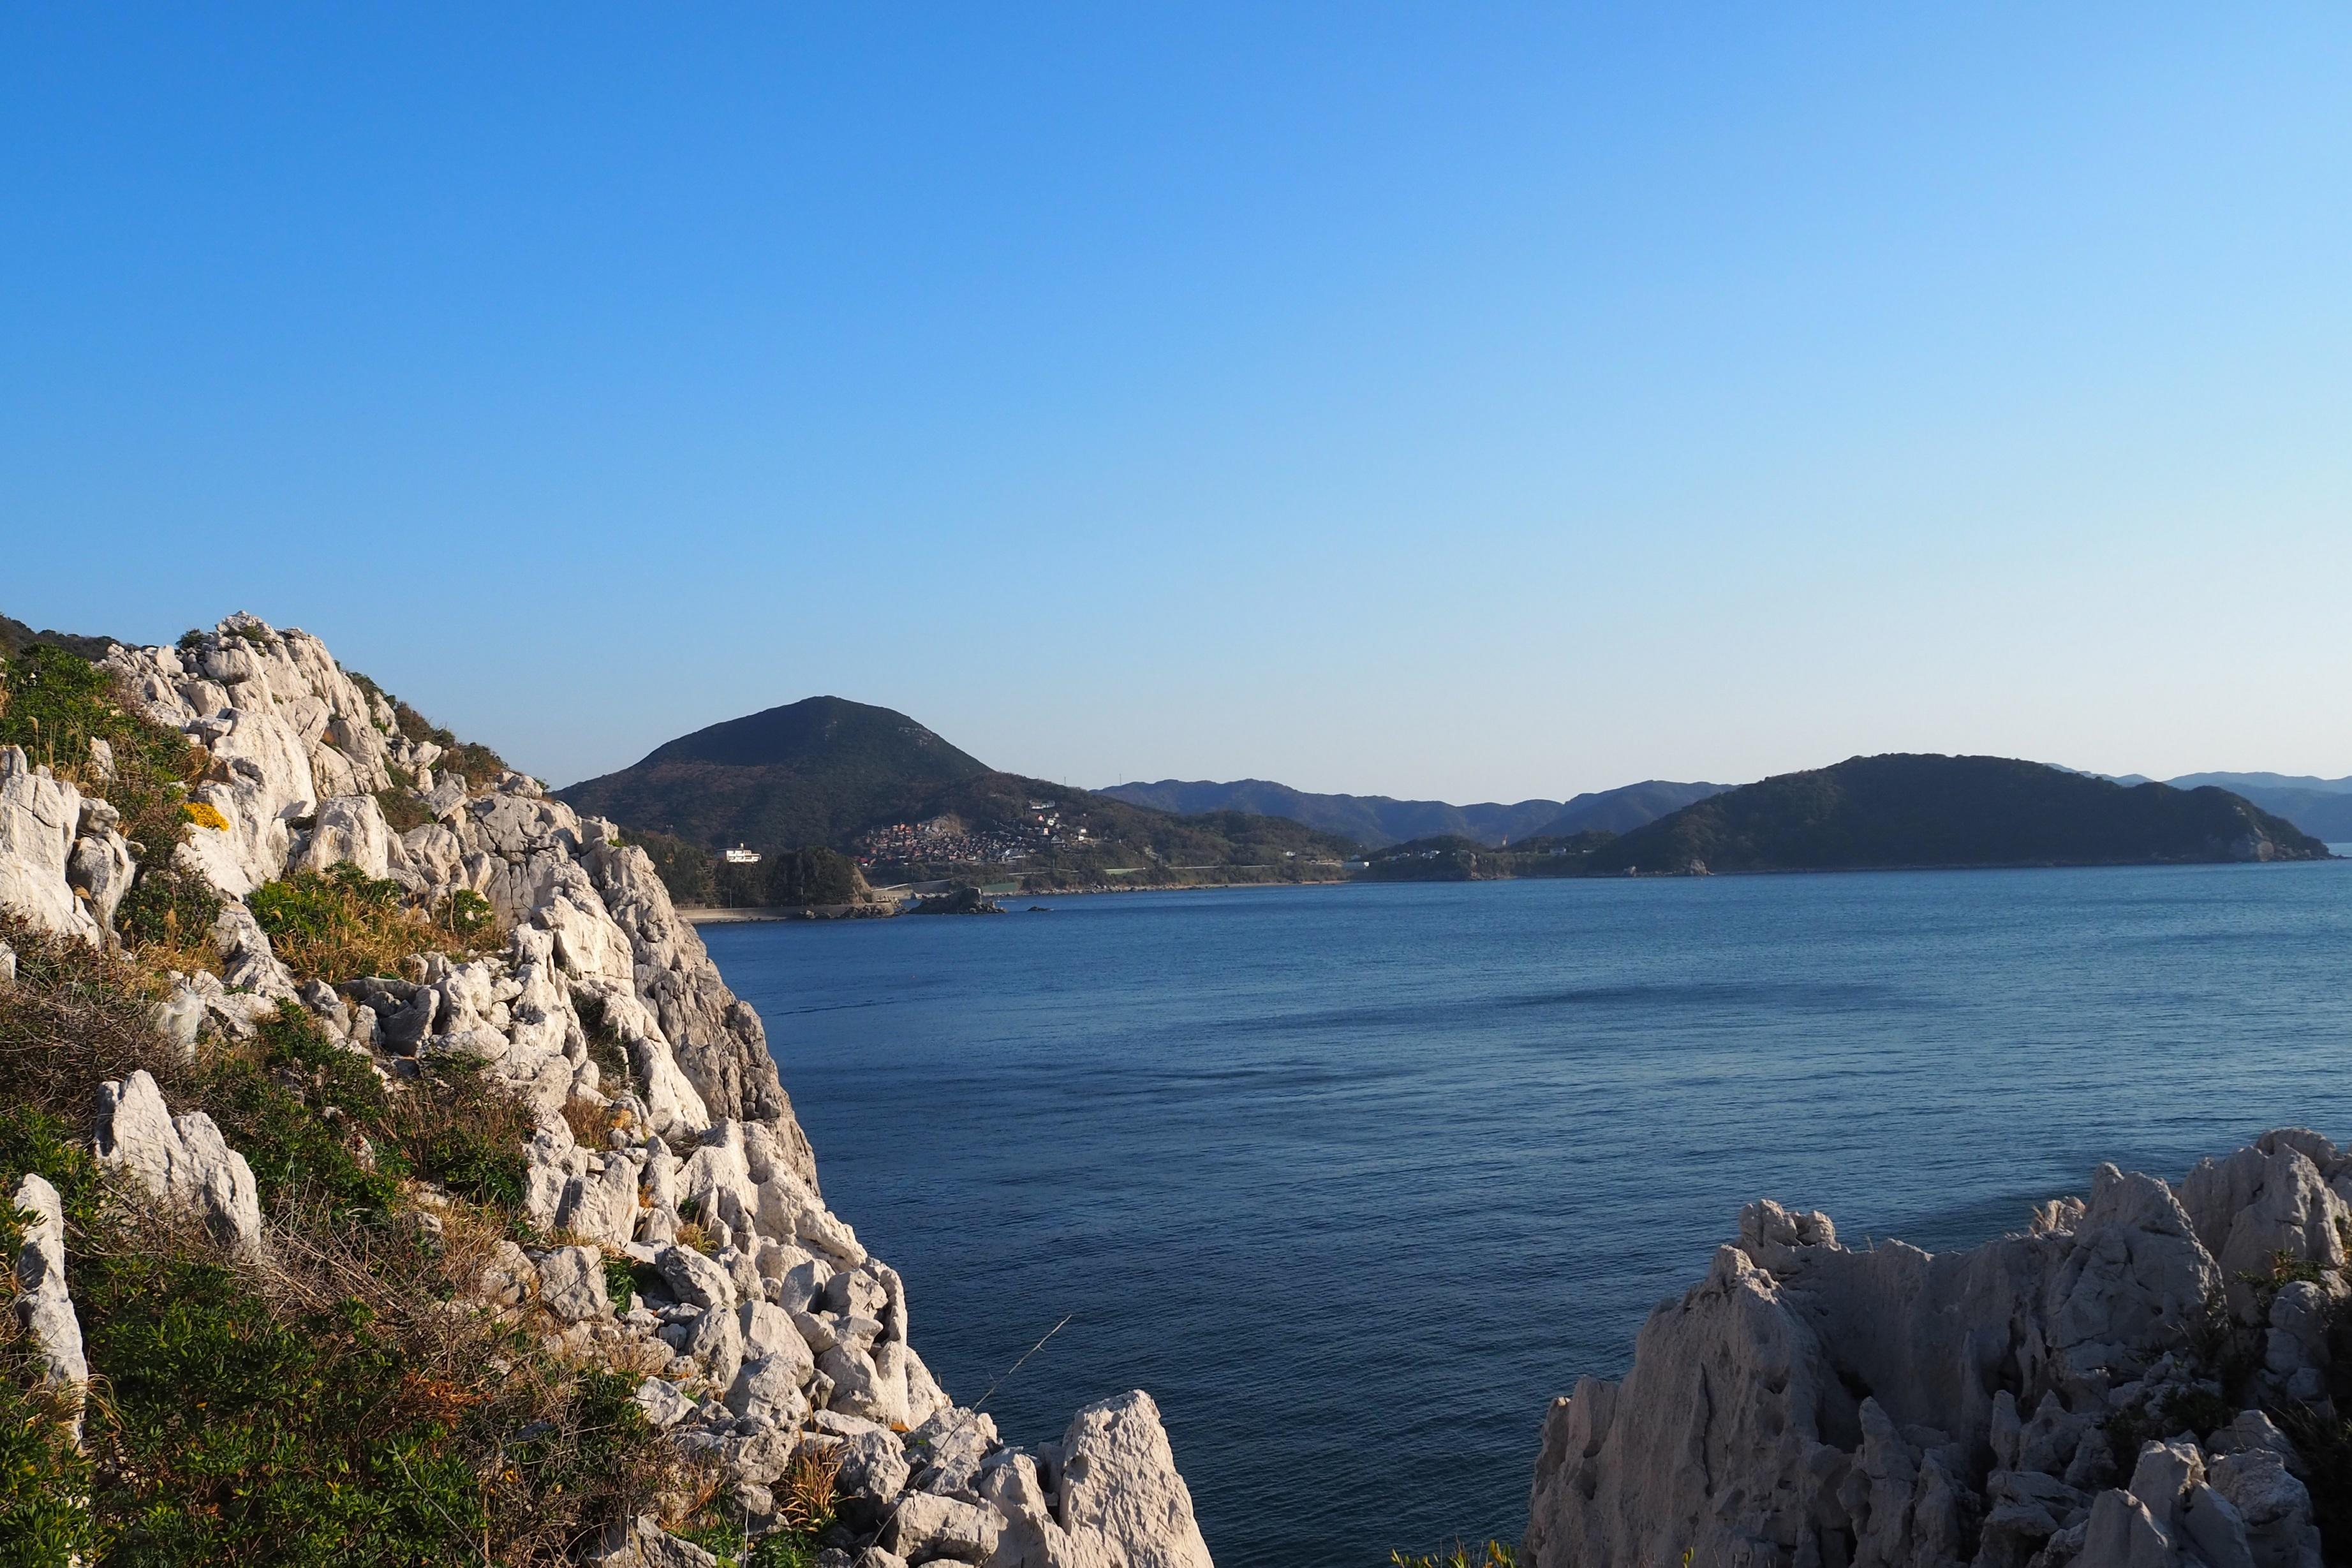 ぴーきち&ダイナ 和歌山湯浅ツーリング 白崎海洋公園 景色 絶景